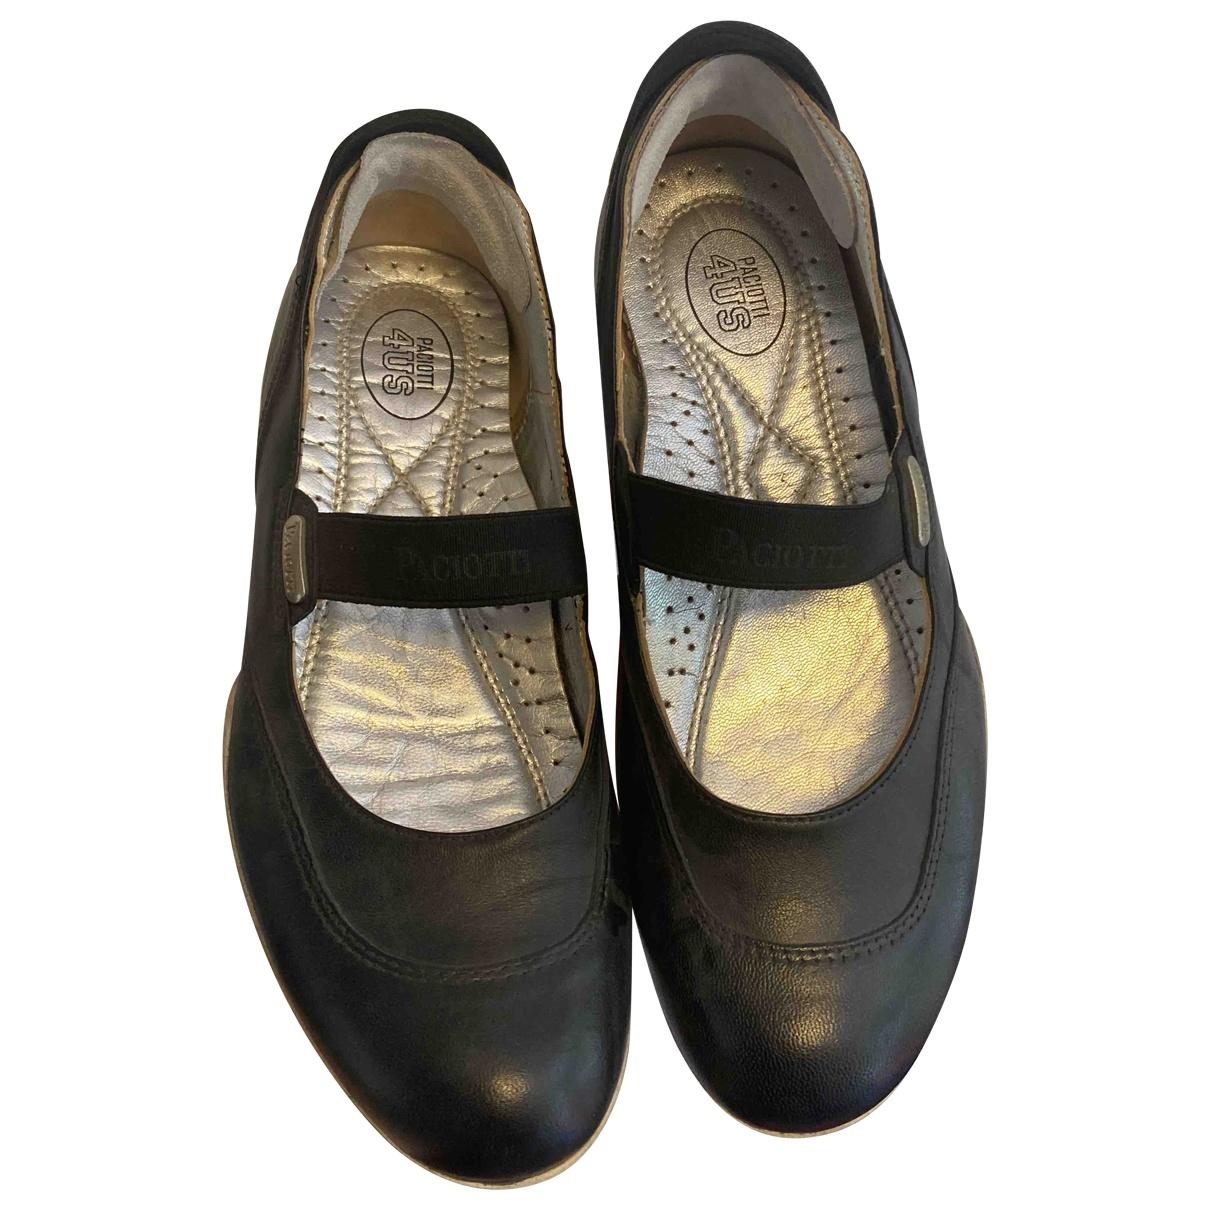 Cesare Paciotti \N Black Leather Ballet flats for Women 37 EU